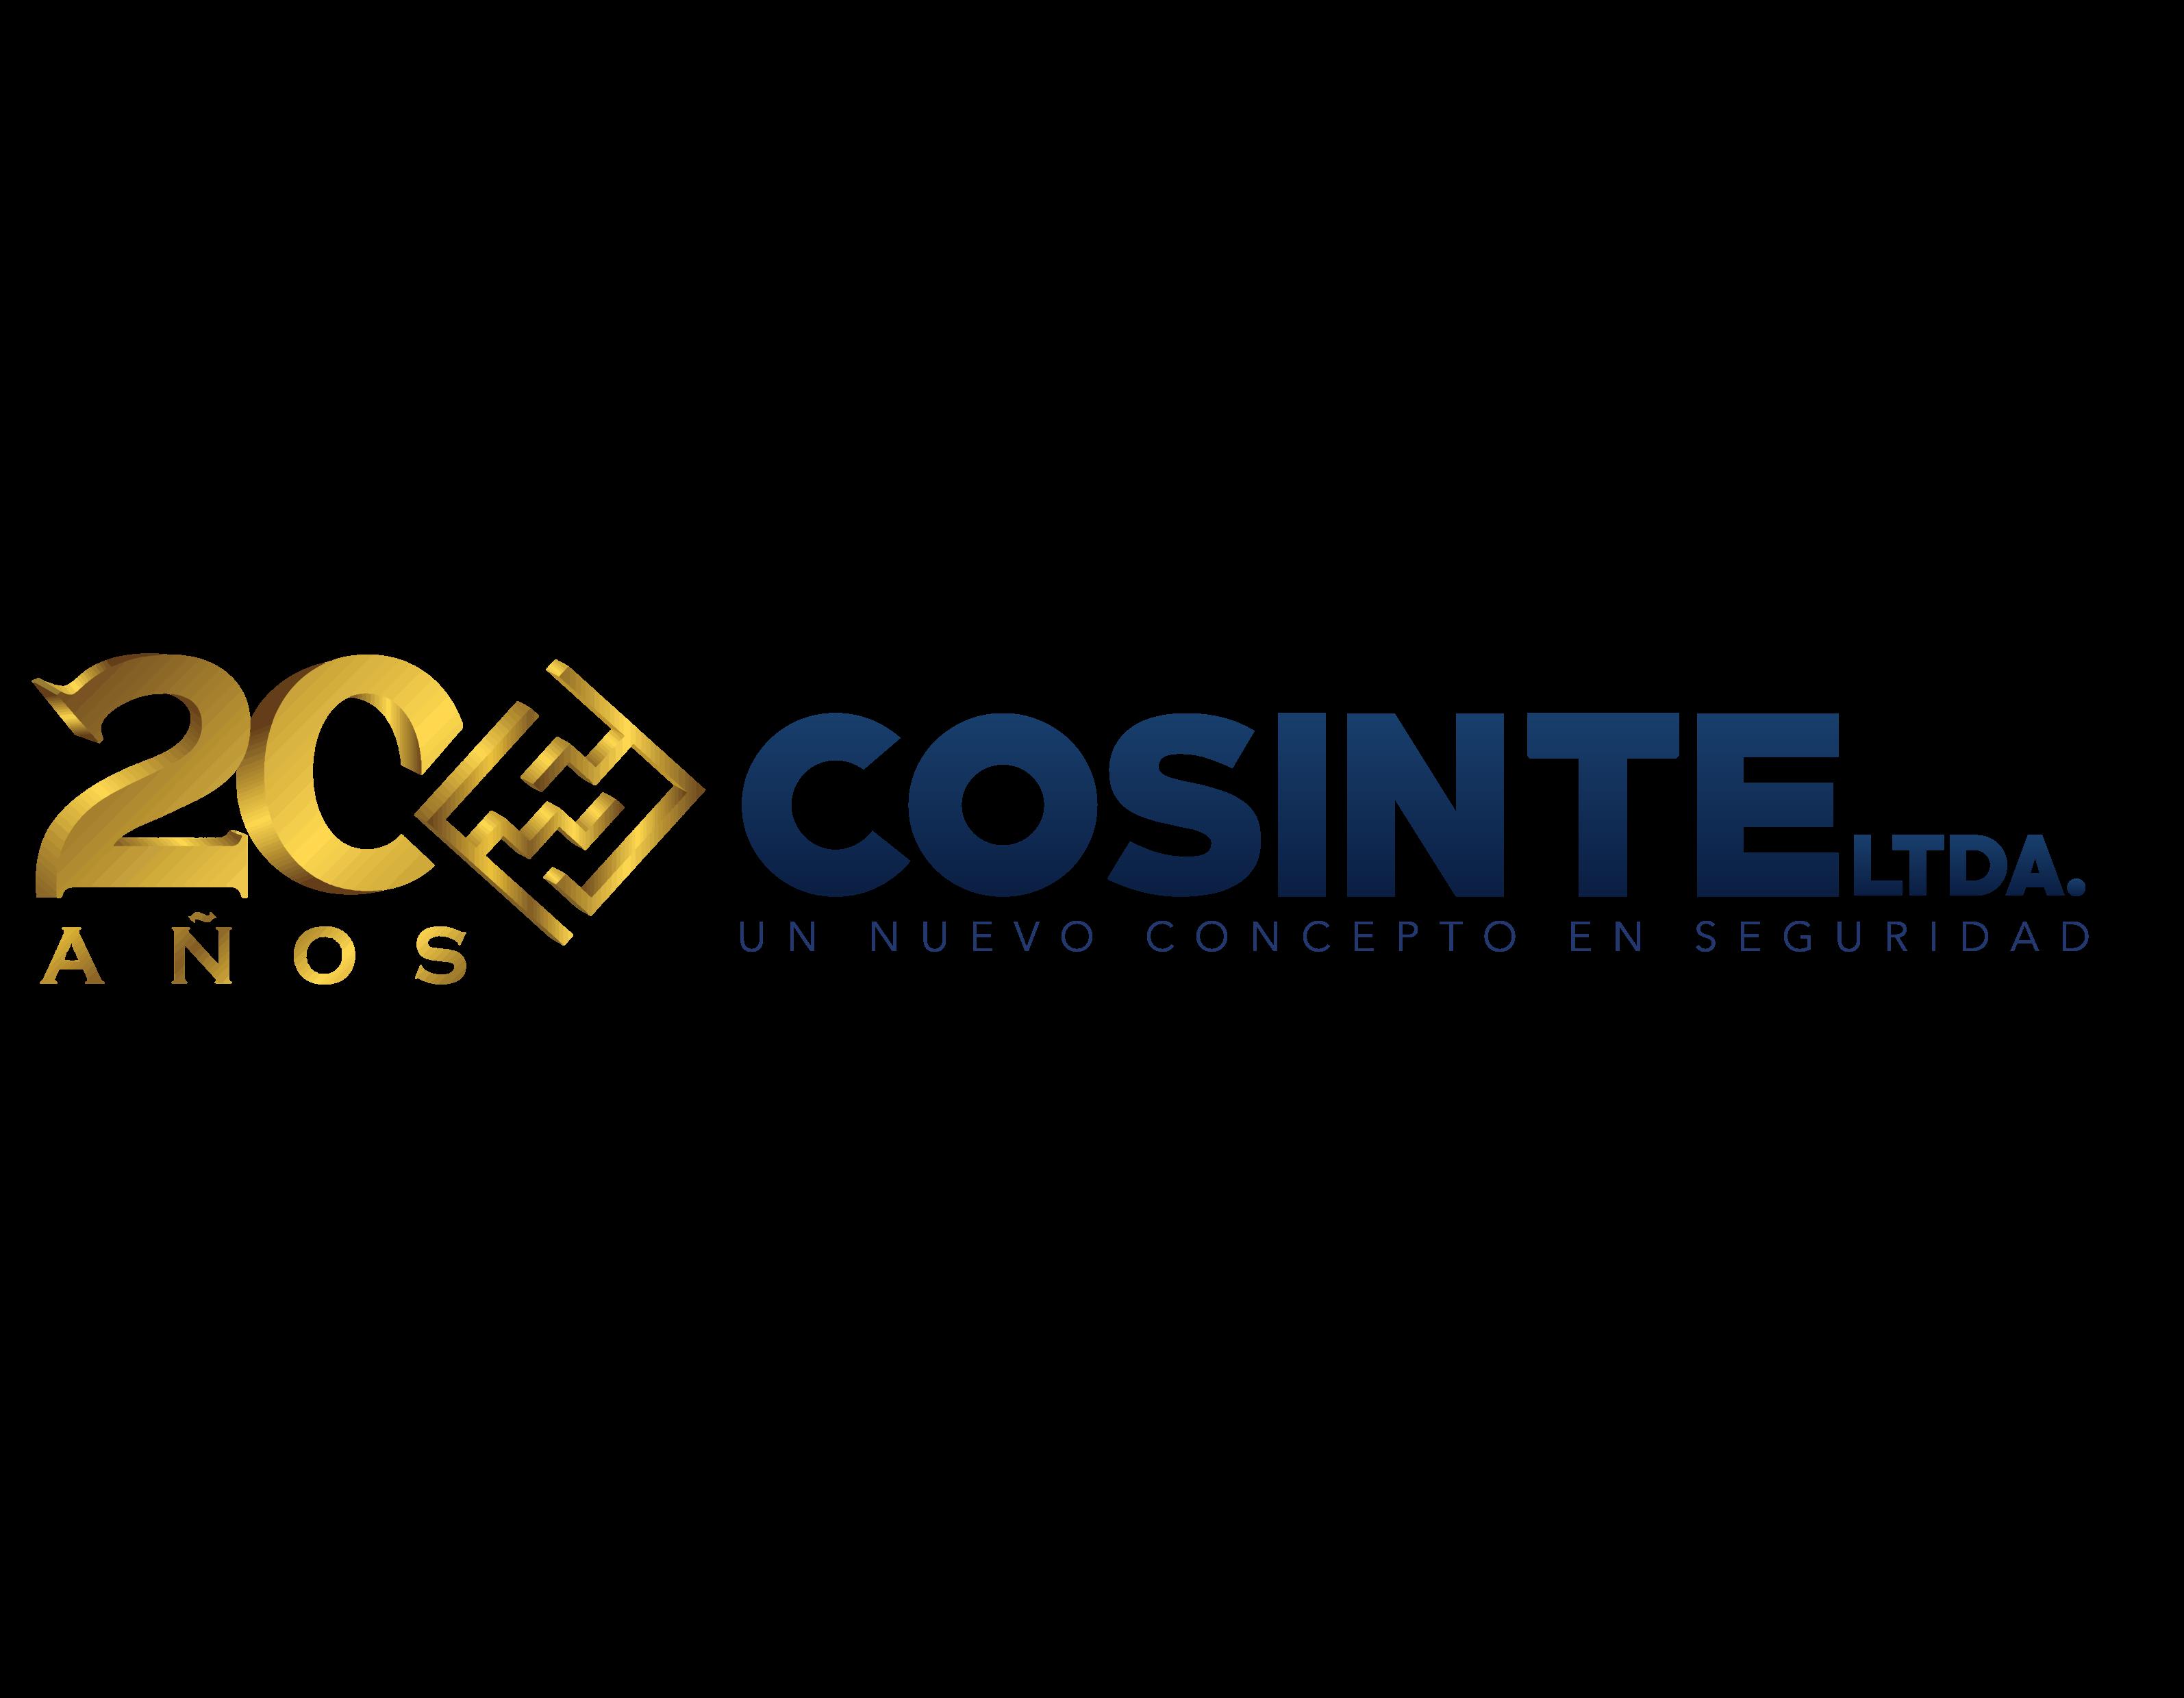 https://0201.nccdn.net/4_2/000/000/00d/f43/COSINTE_logo20an--osazul-01-3189x2480.png